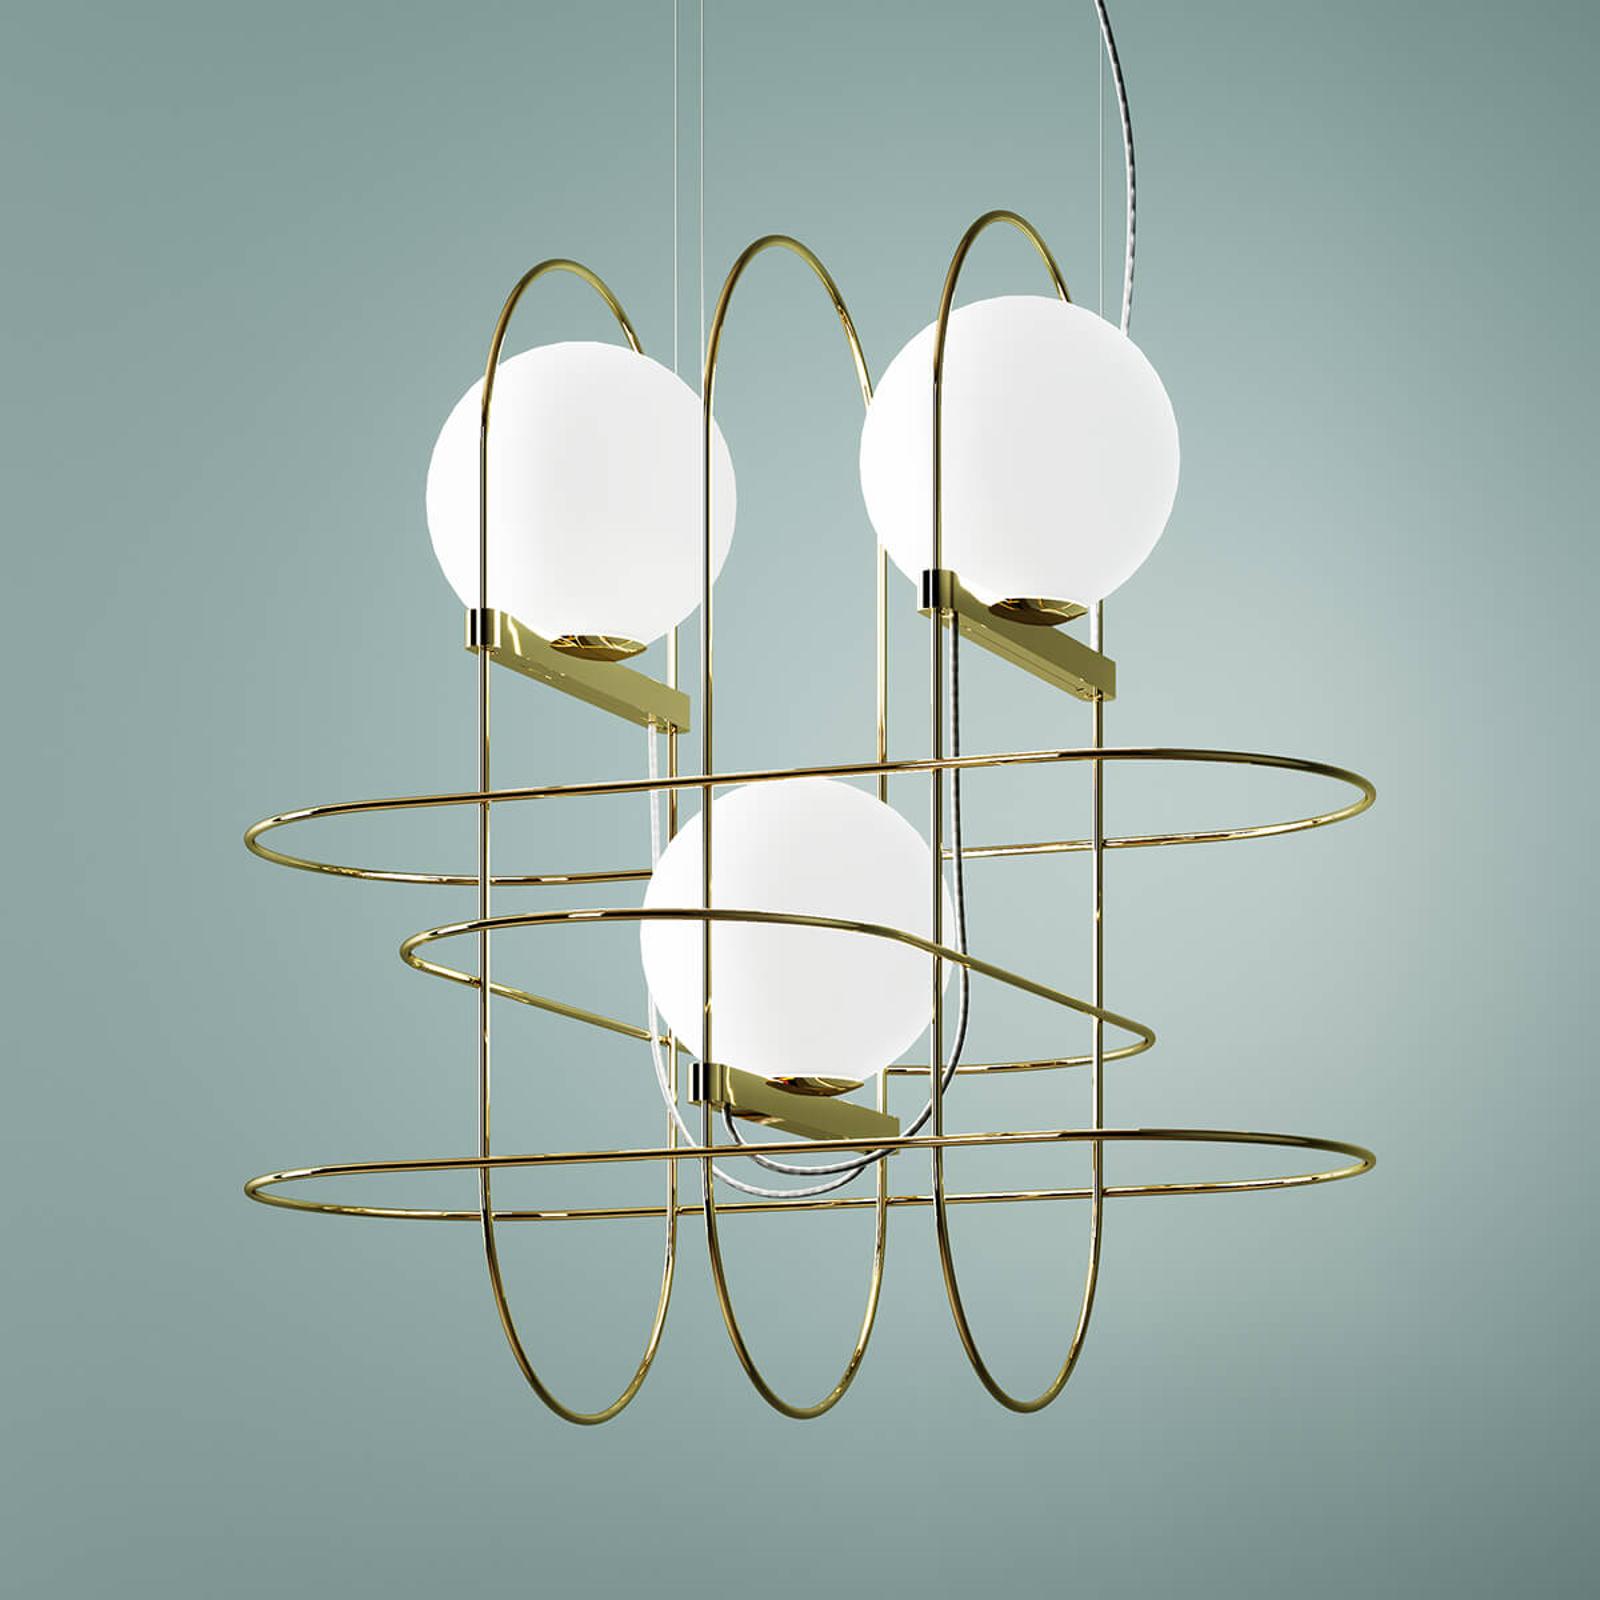 Design hanglamp Setareh met LED's, goud